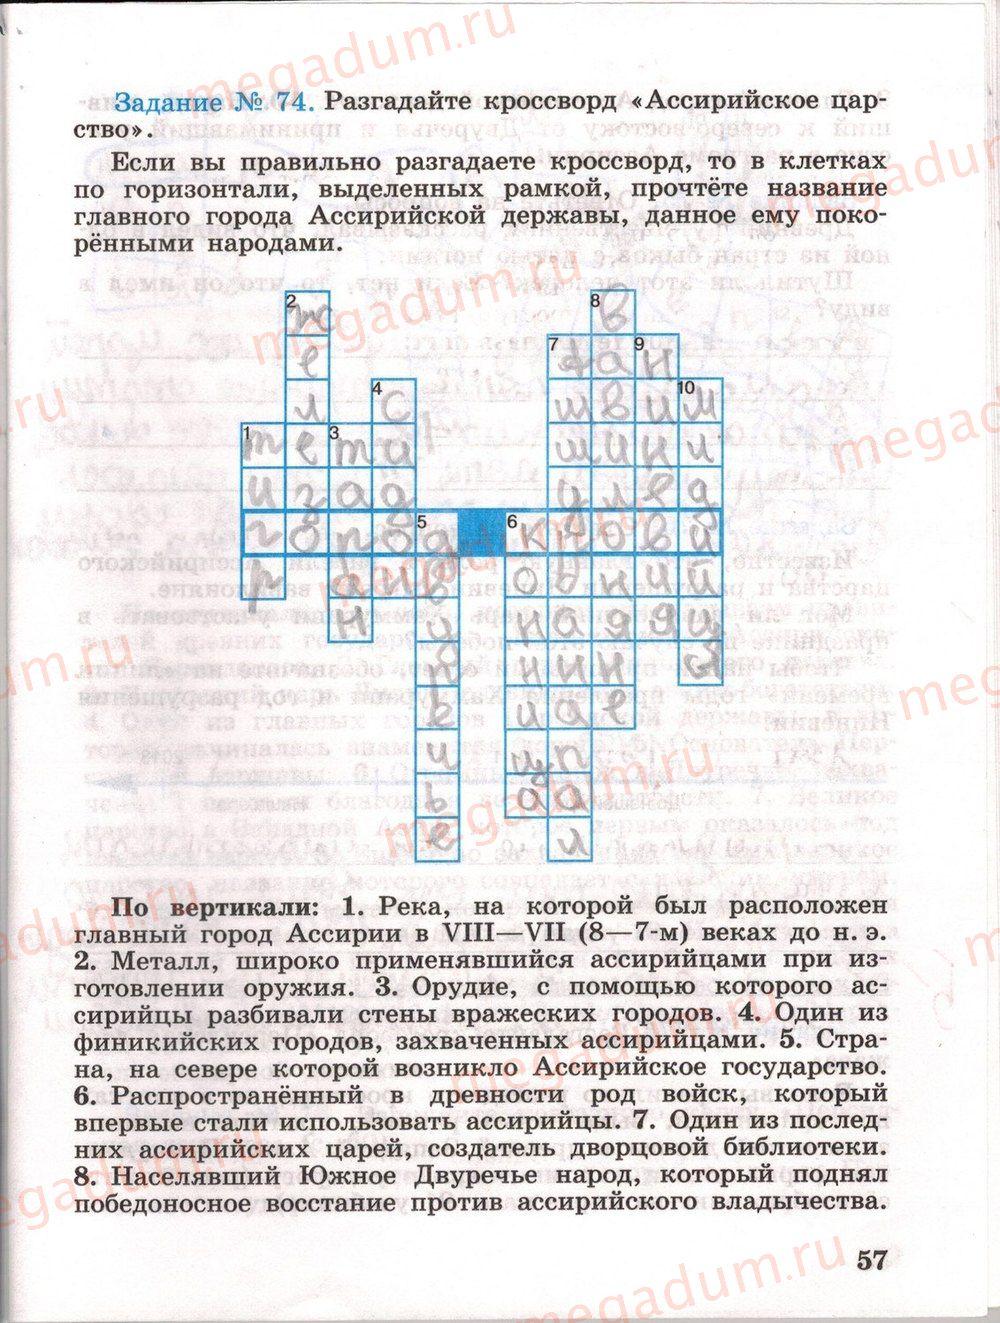 Гдз по английскому языку 6 класс павлюченко